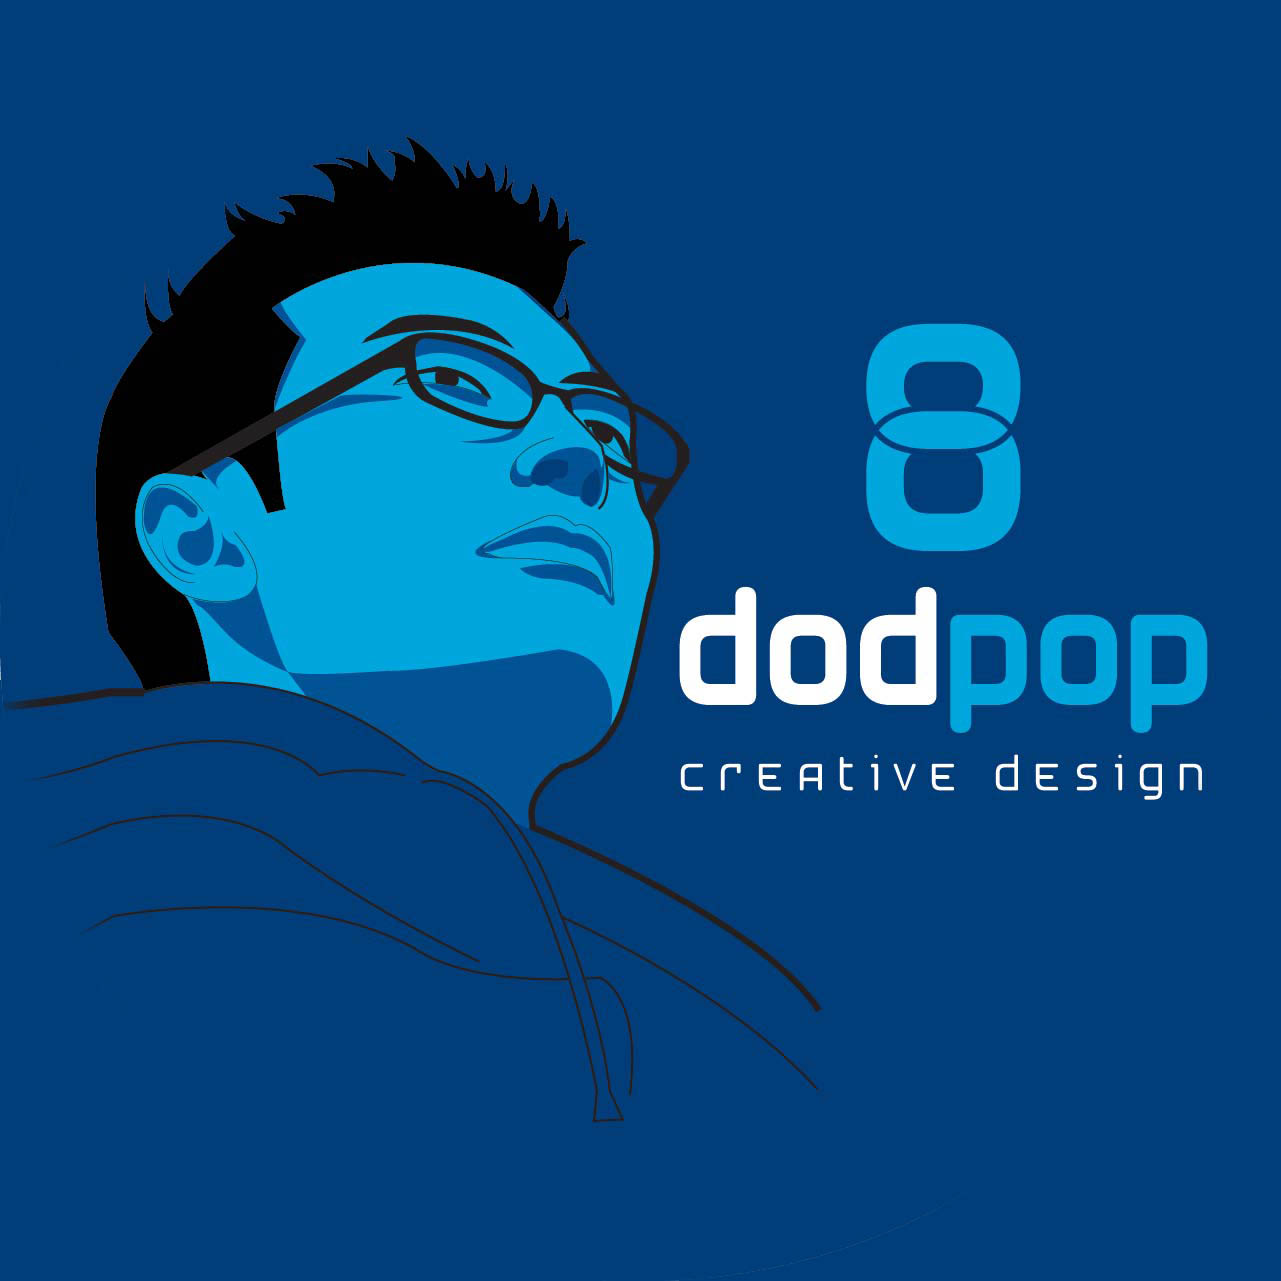 Dodpop2